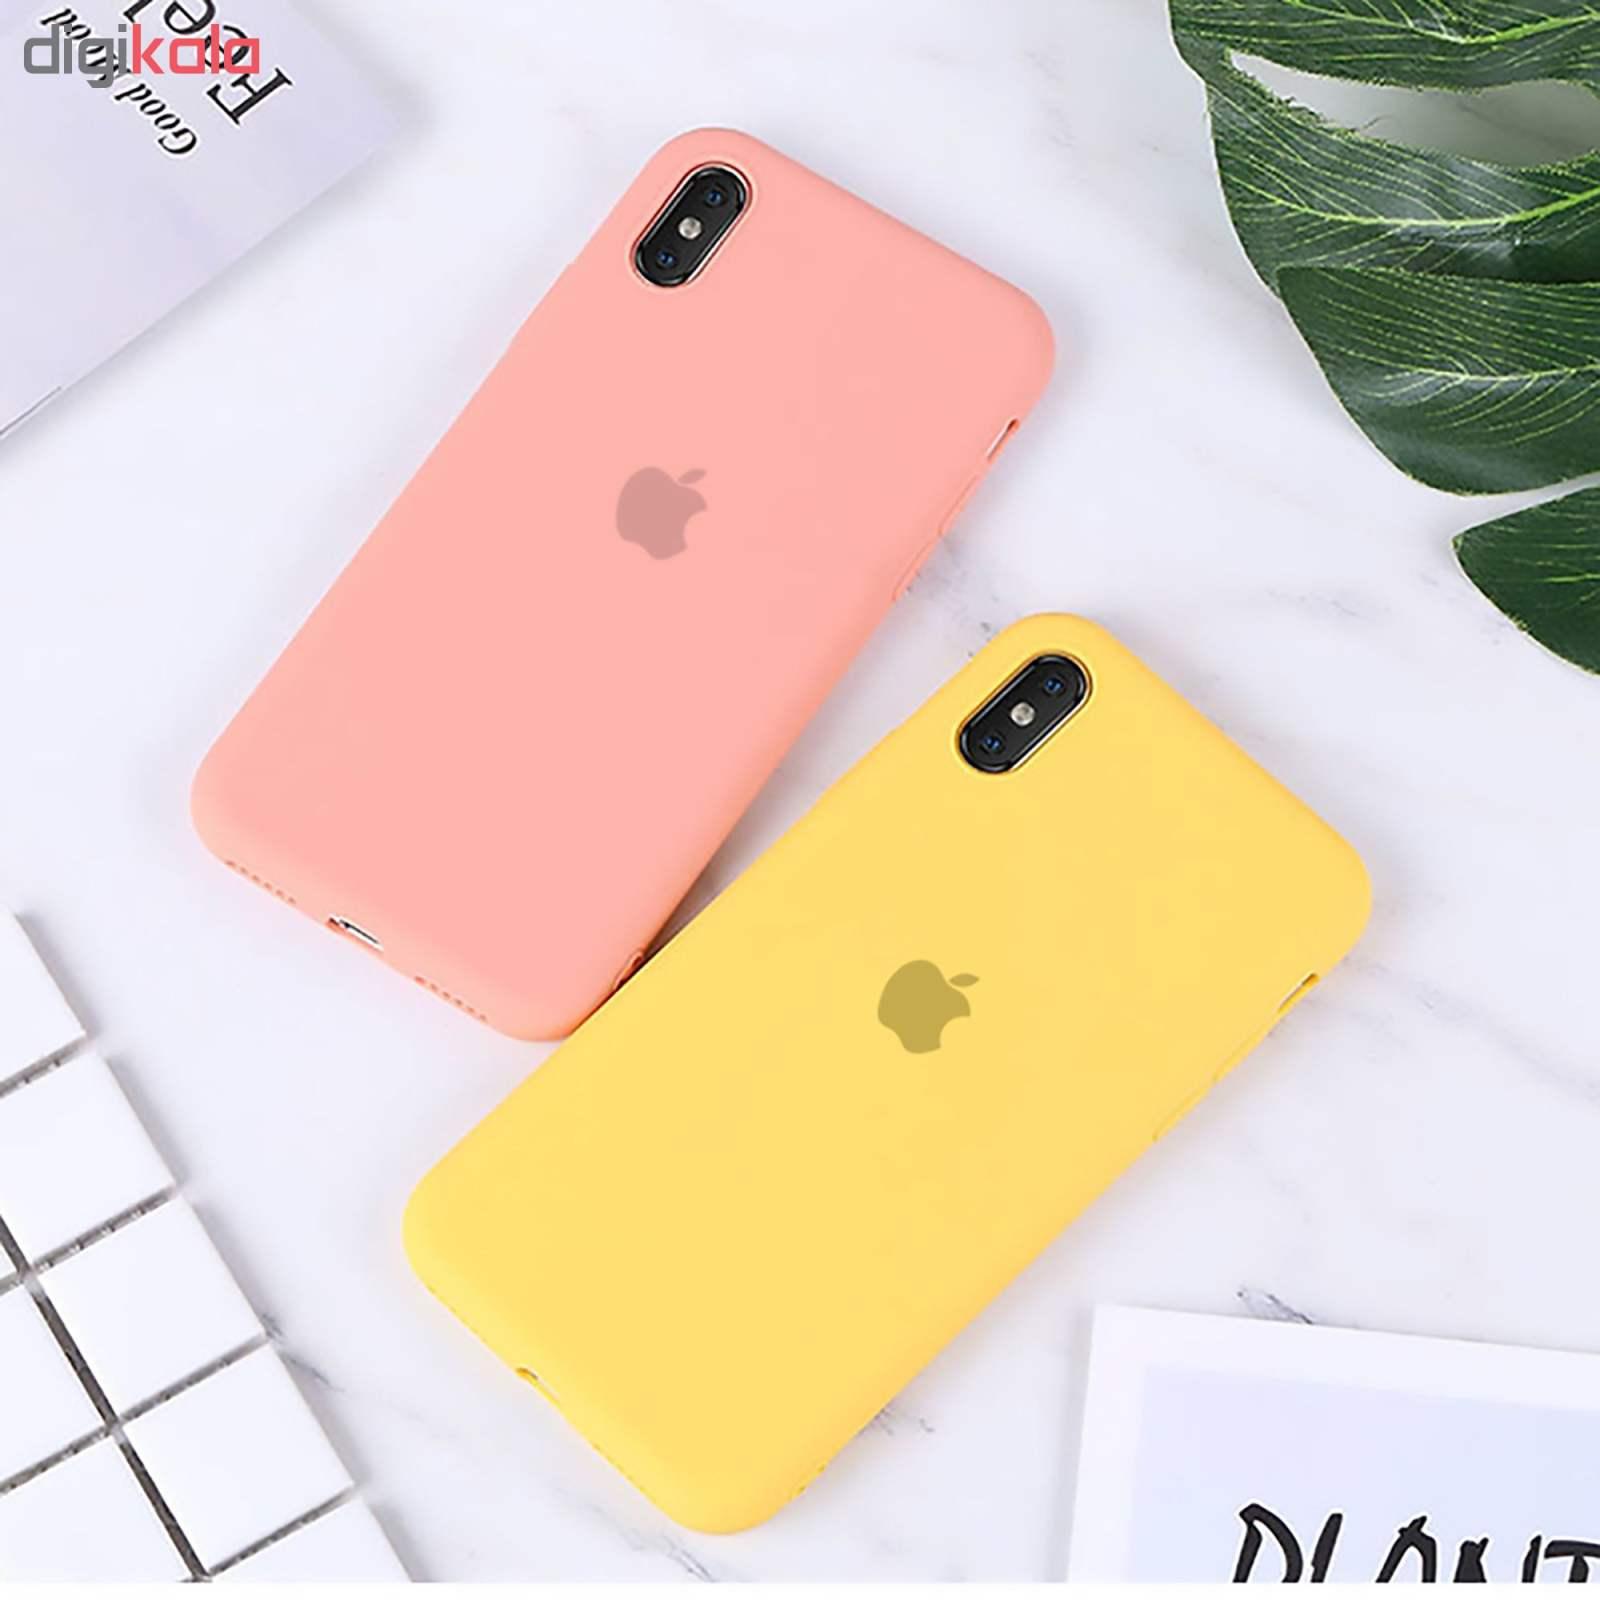 کاور  مدل Silc مناسب برای گوشی موبایل اپل Iphone Xs max main 1 29